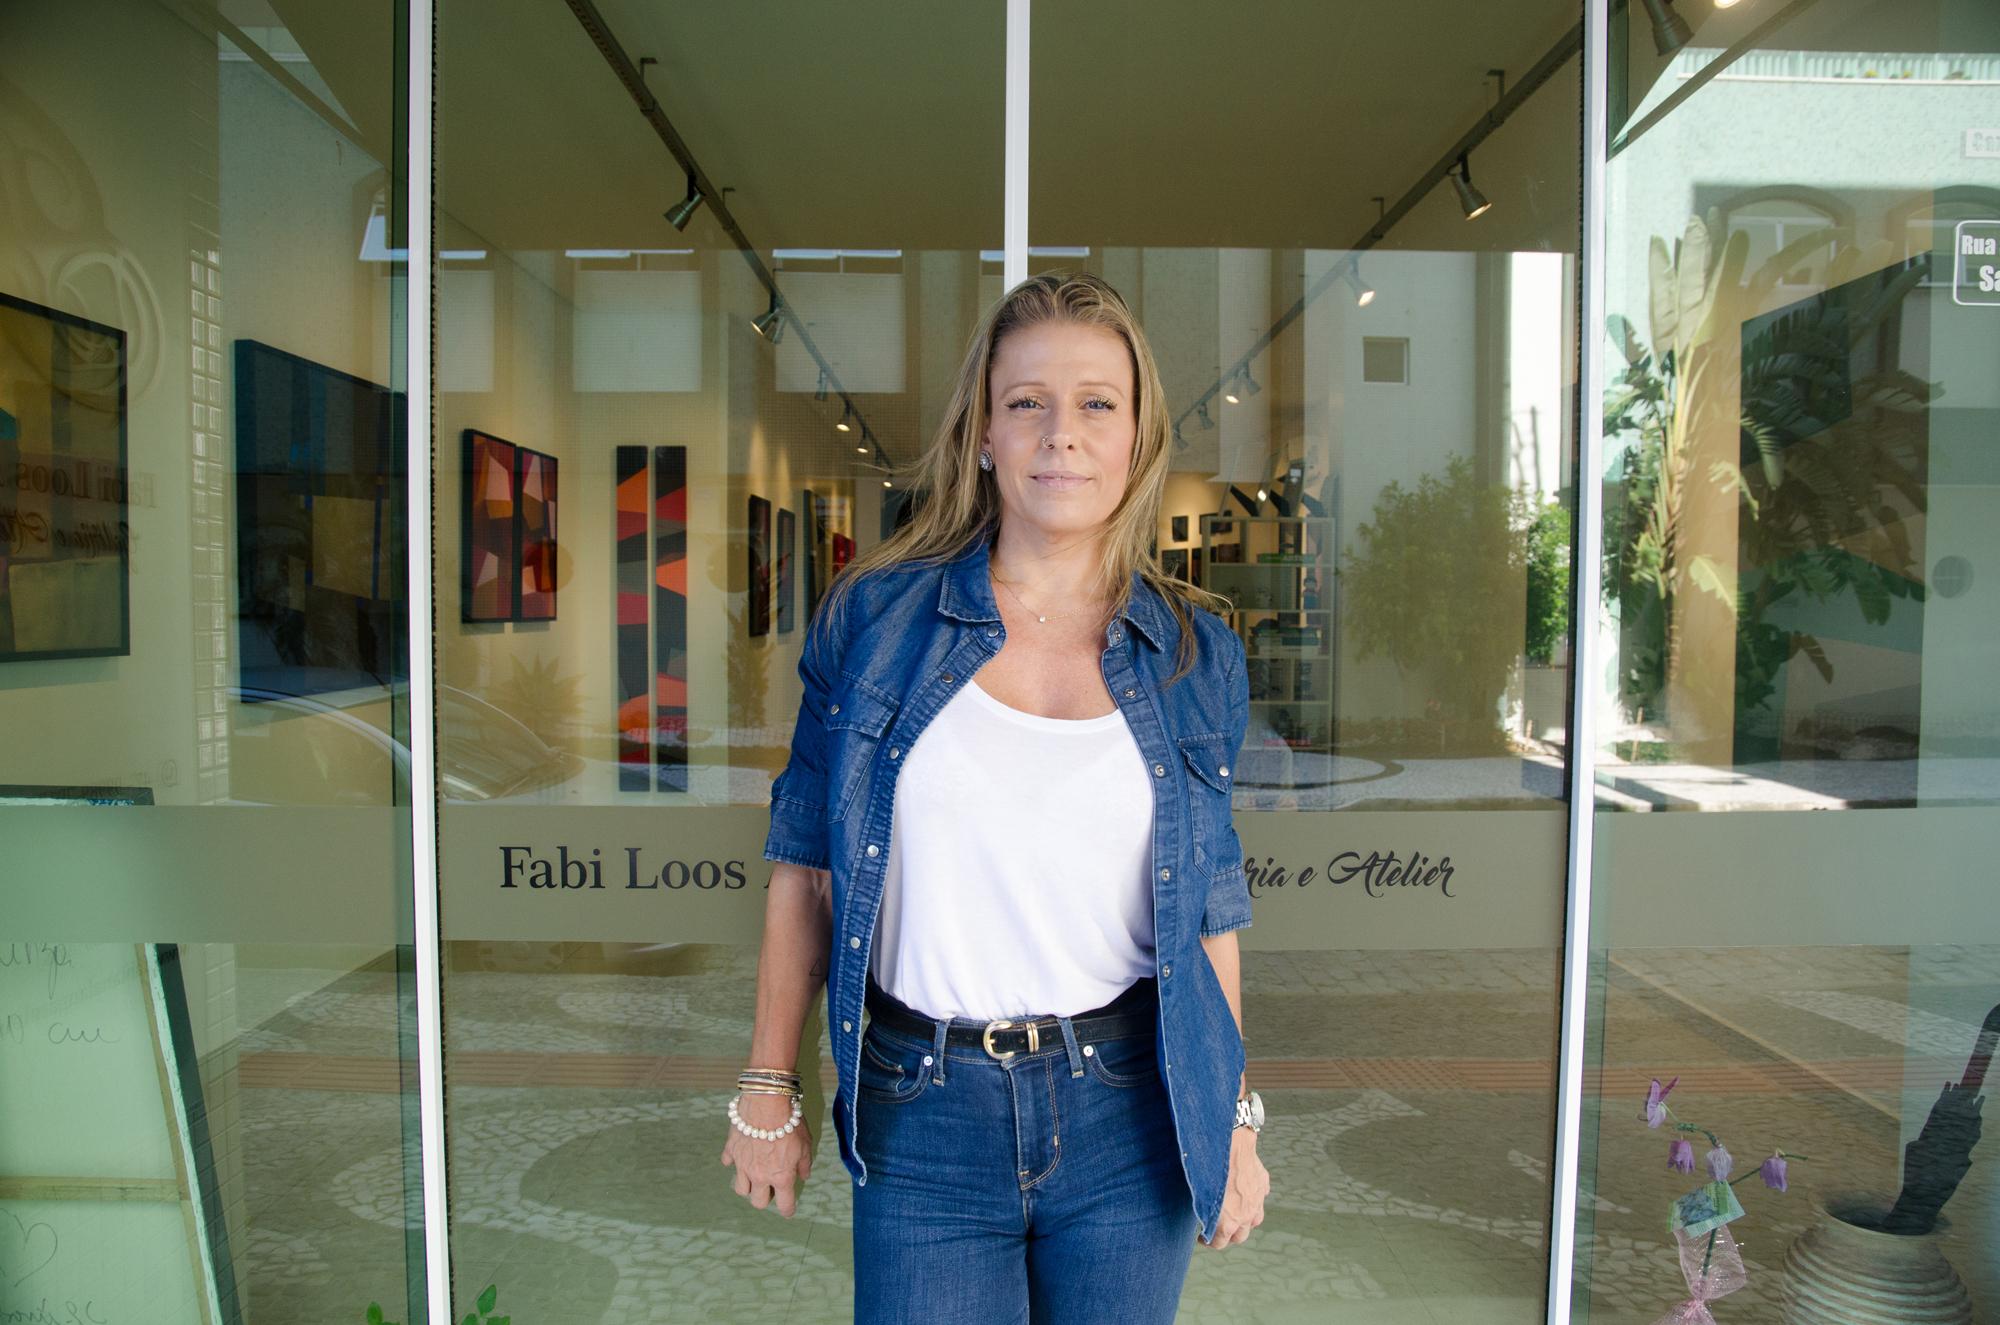 São Paulo recebe mais uma vez a artista plástica de braços abertos